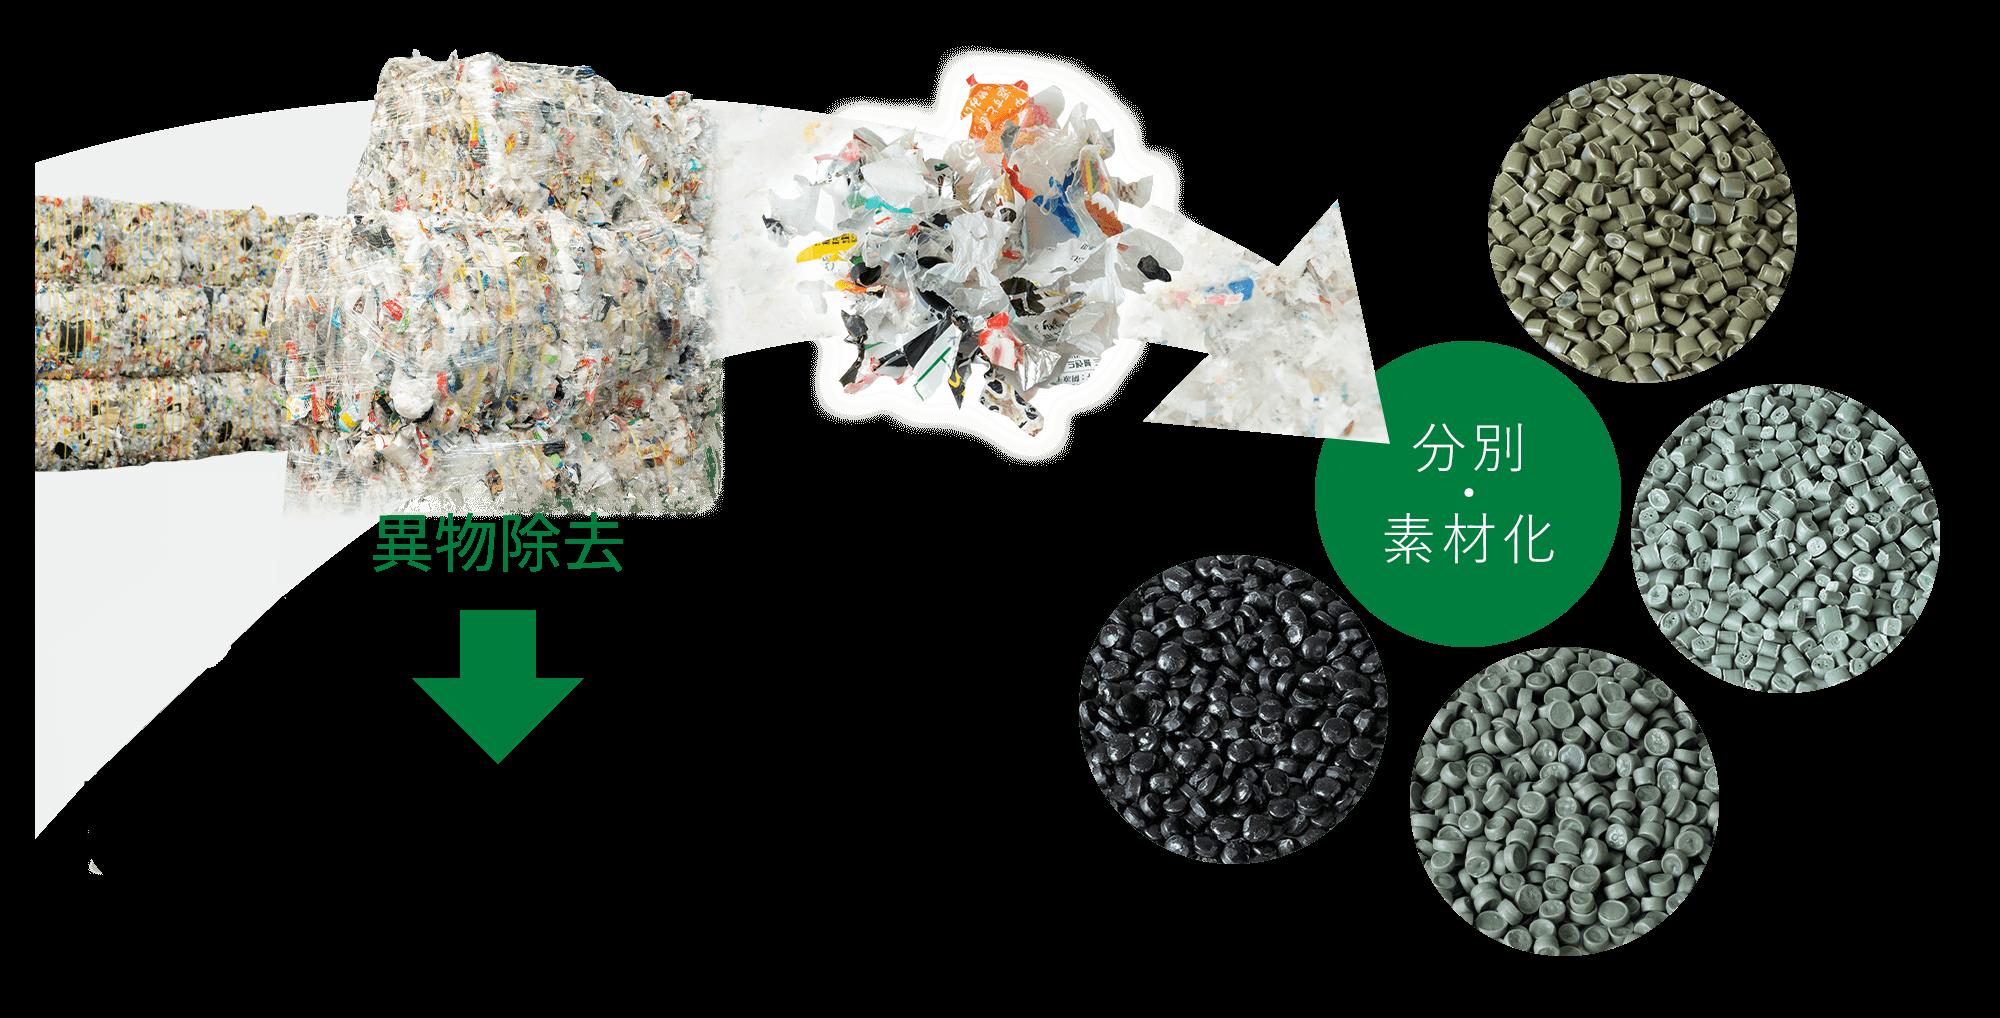 プラスチックリサイクルラインイメージ